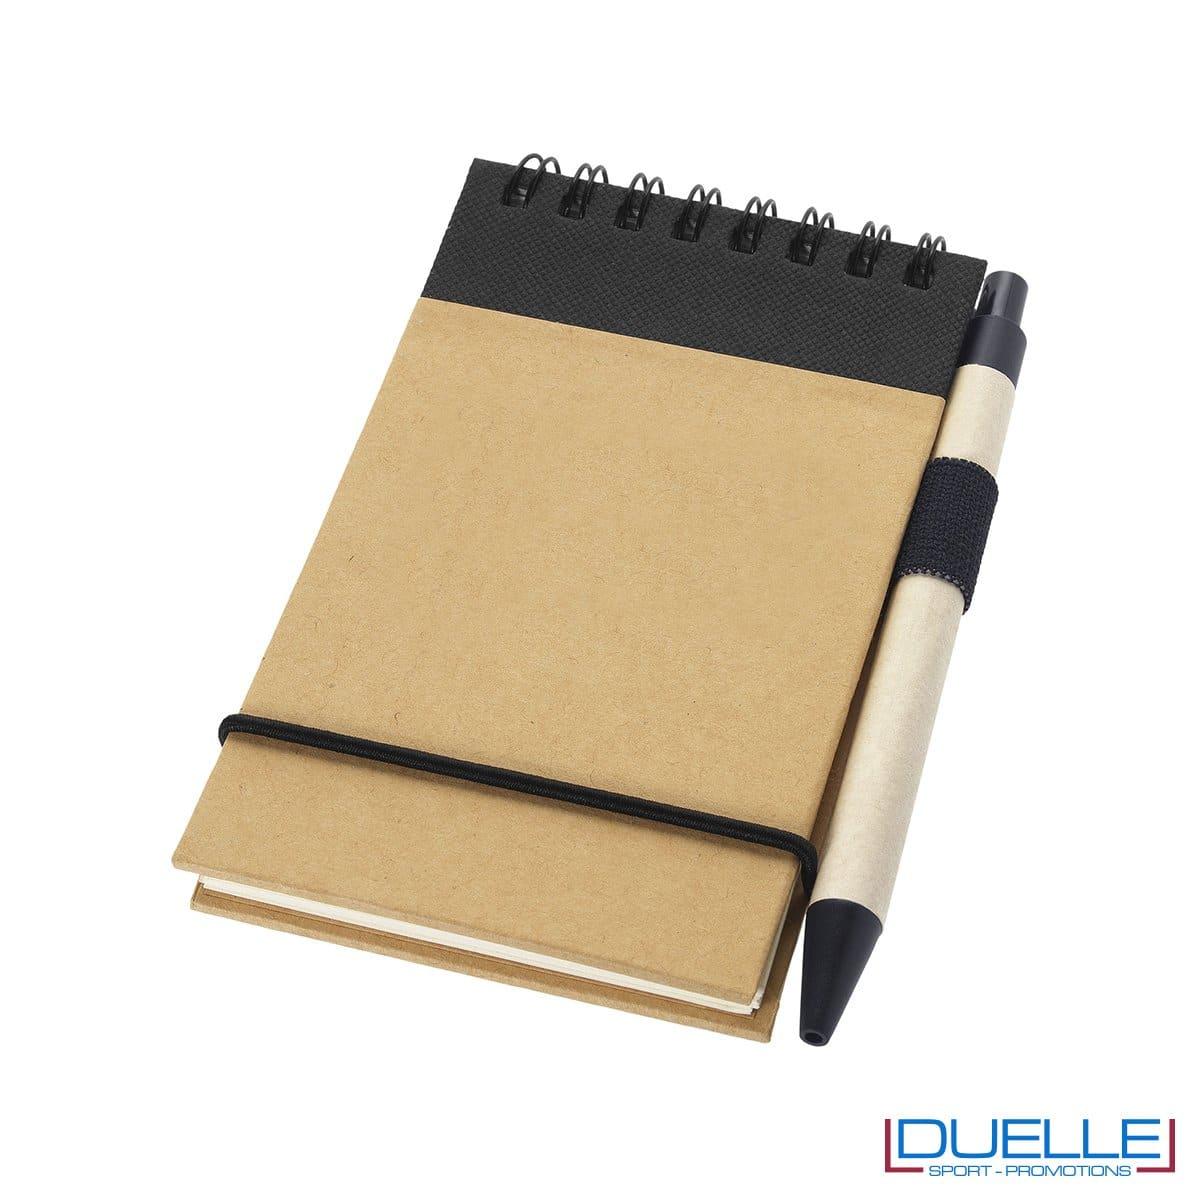 blocco per appunti personalizzato eco friendly colore nero, gadget ecologici personalizzati